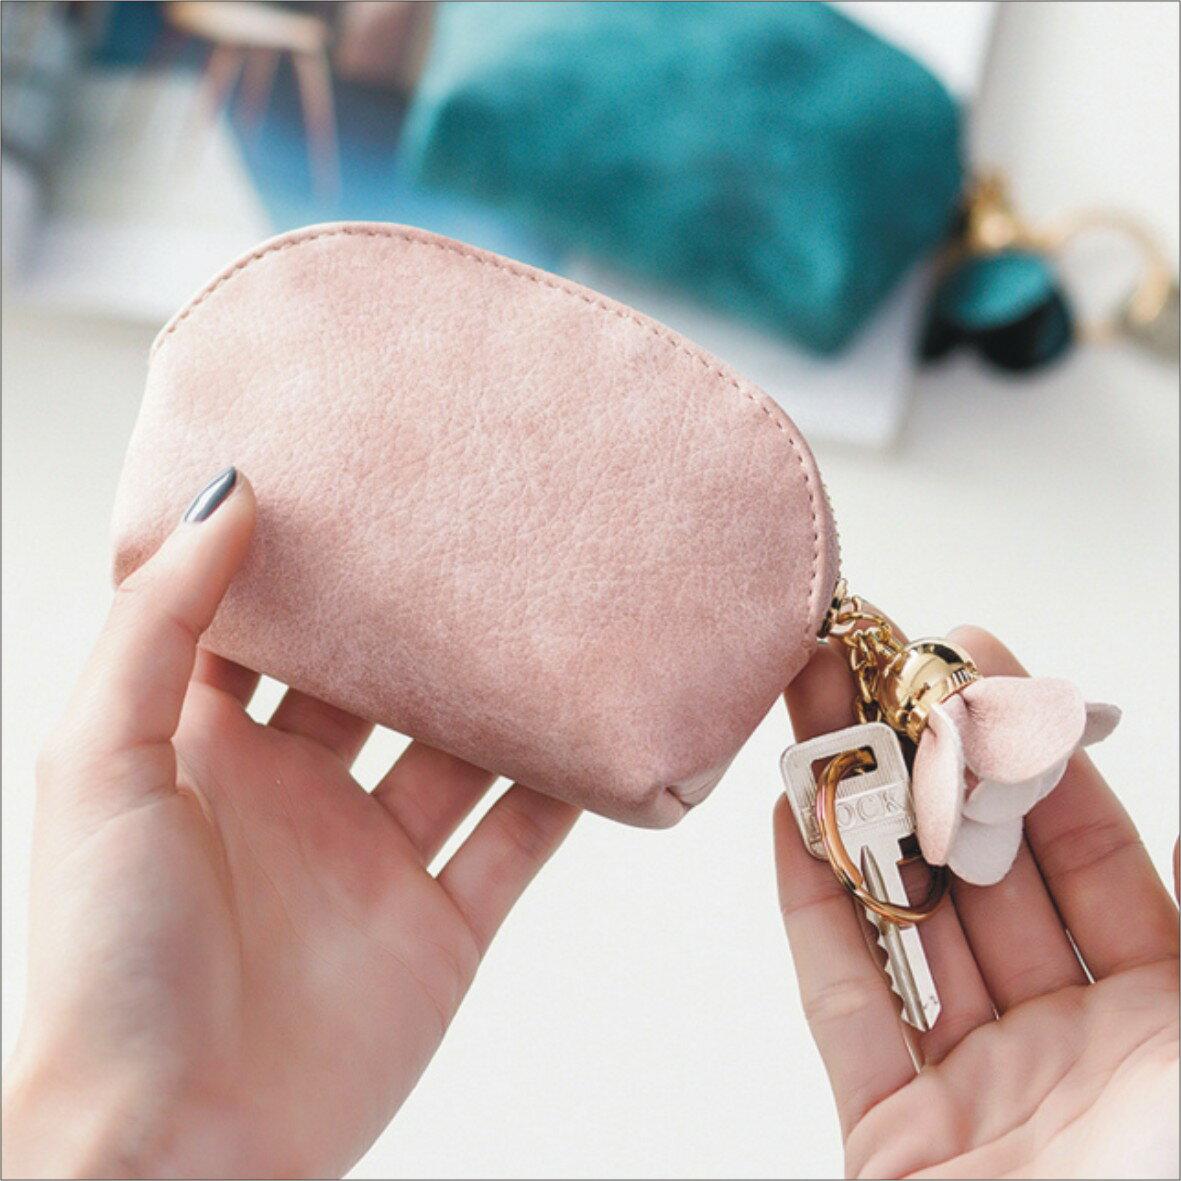 甜心小舖♥花朵零錢包可掛鑰匙♥韓版背包 書包 旅行包 休閒包 包包 側背